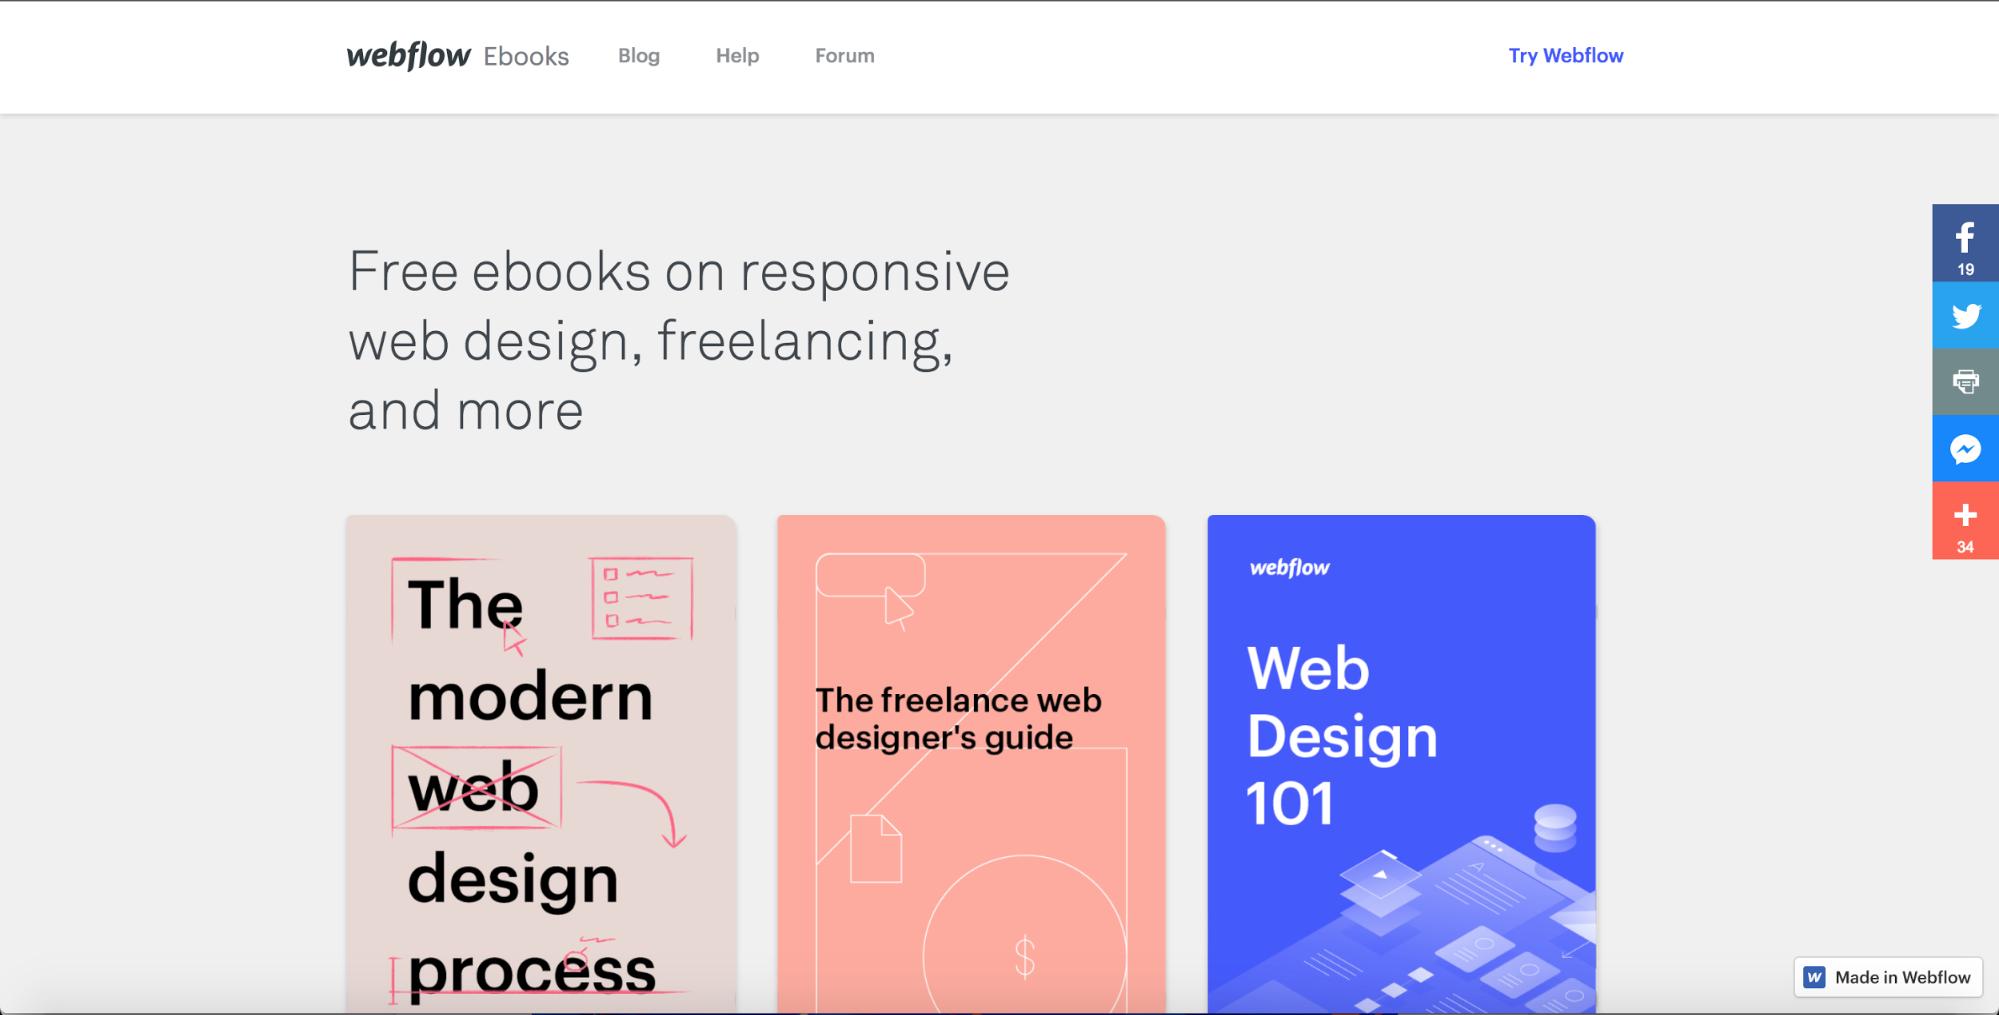 19 web design trends for 2018 | Webflow Blog